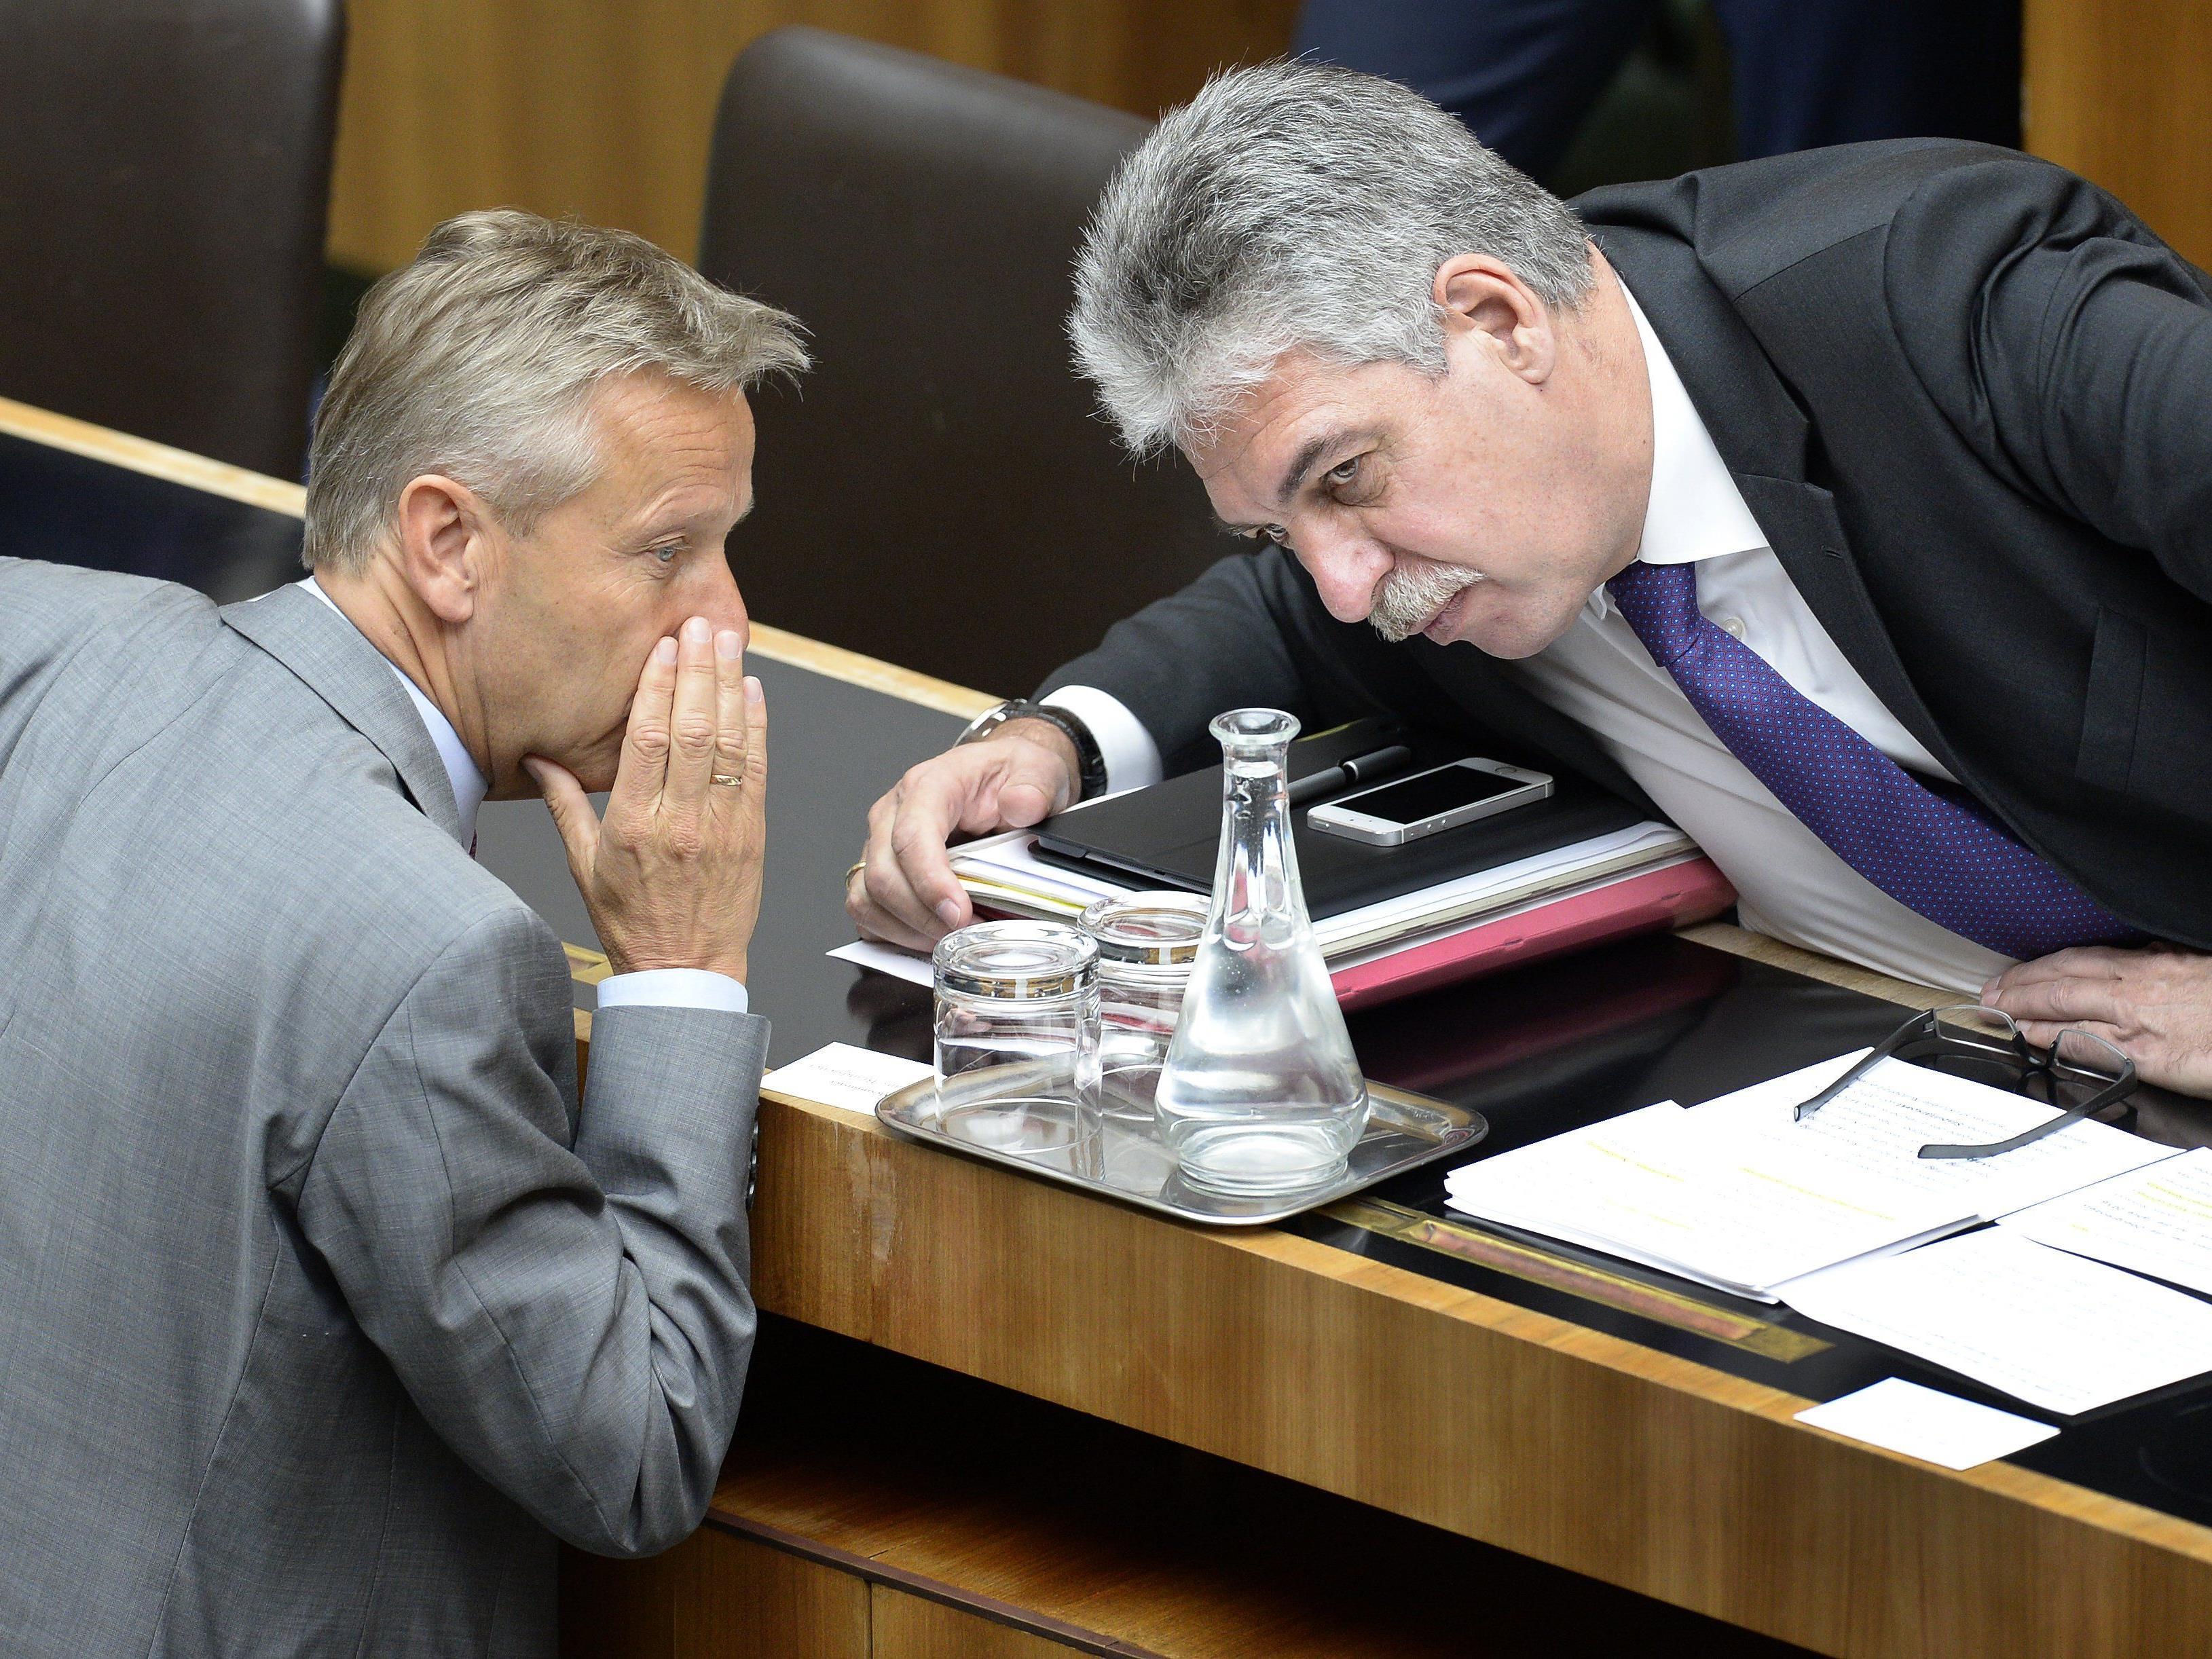 Finanzminister Schelling hätte gerne mehr Konteneinblick für Steuerprüfer.